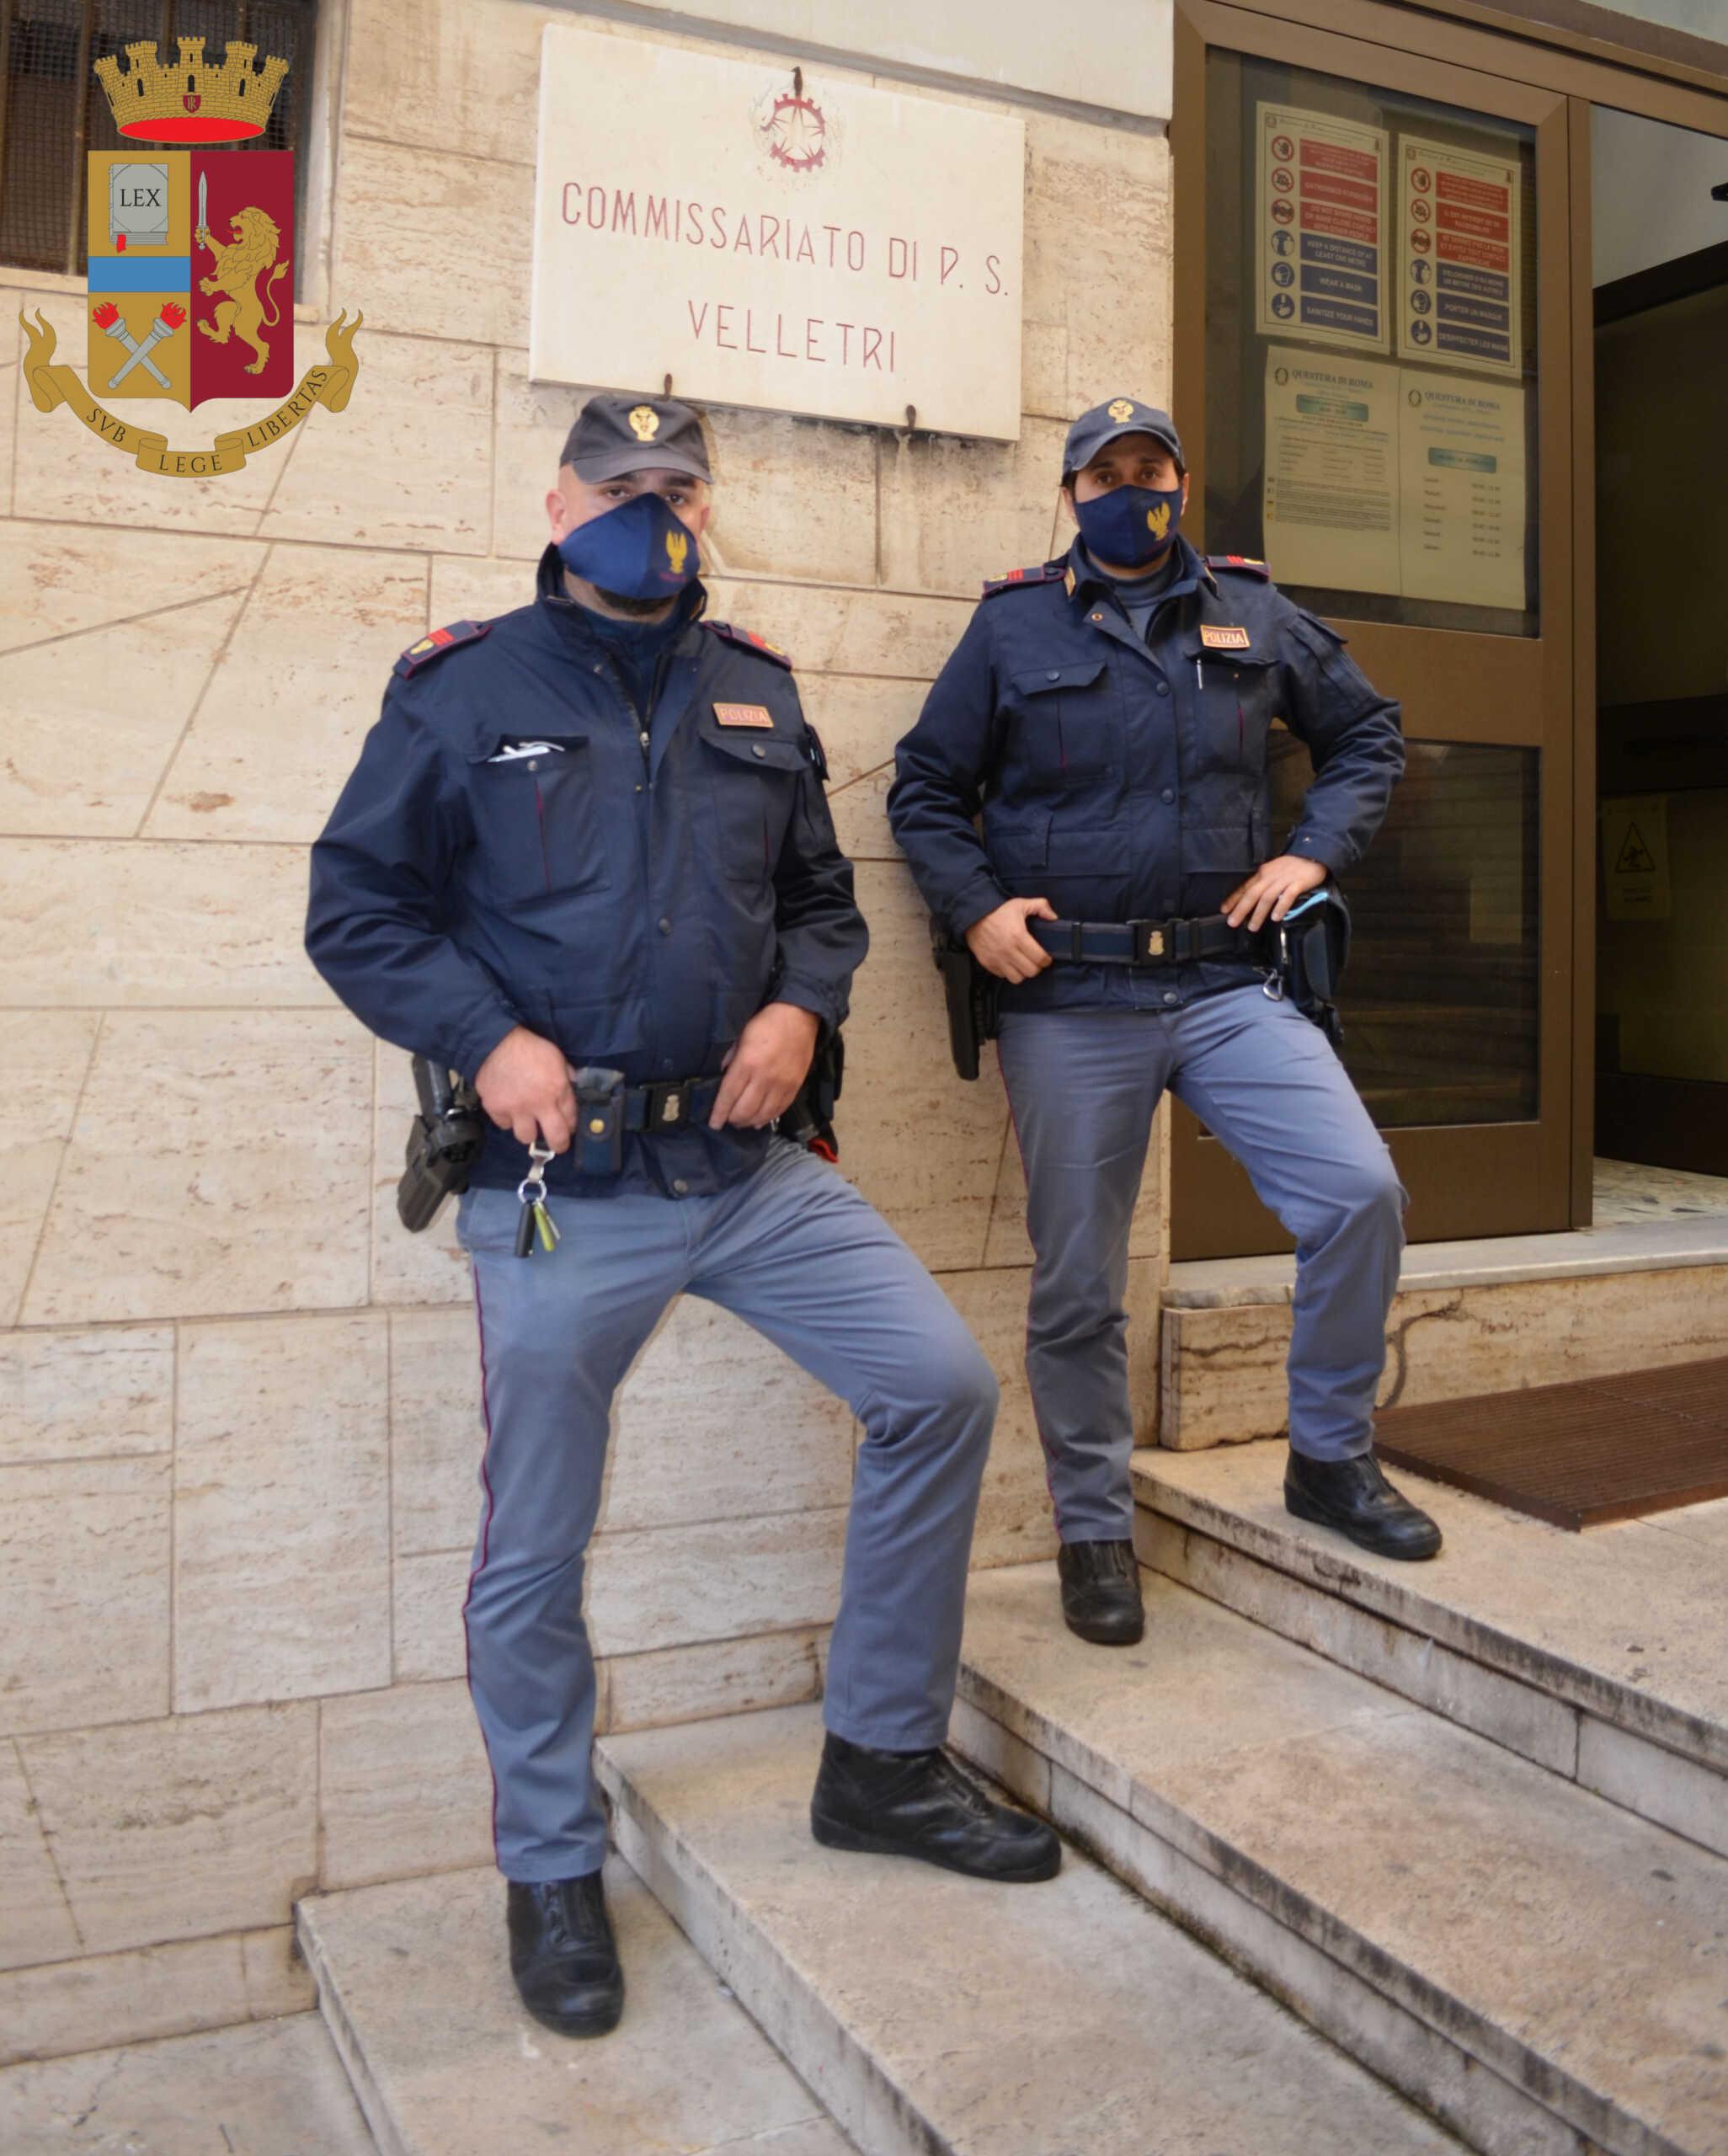 Bel gesto dei poliziotti